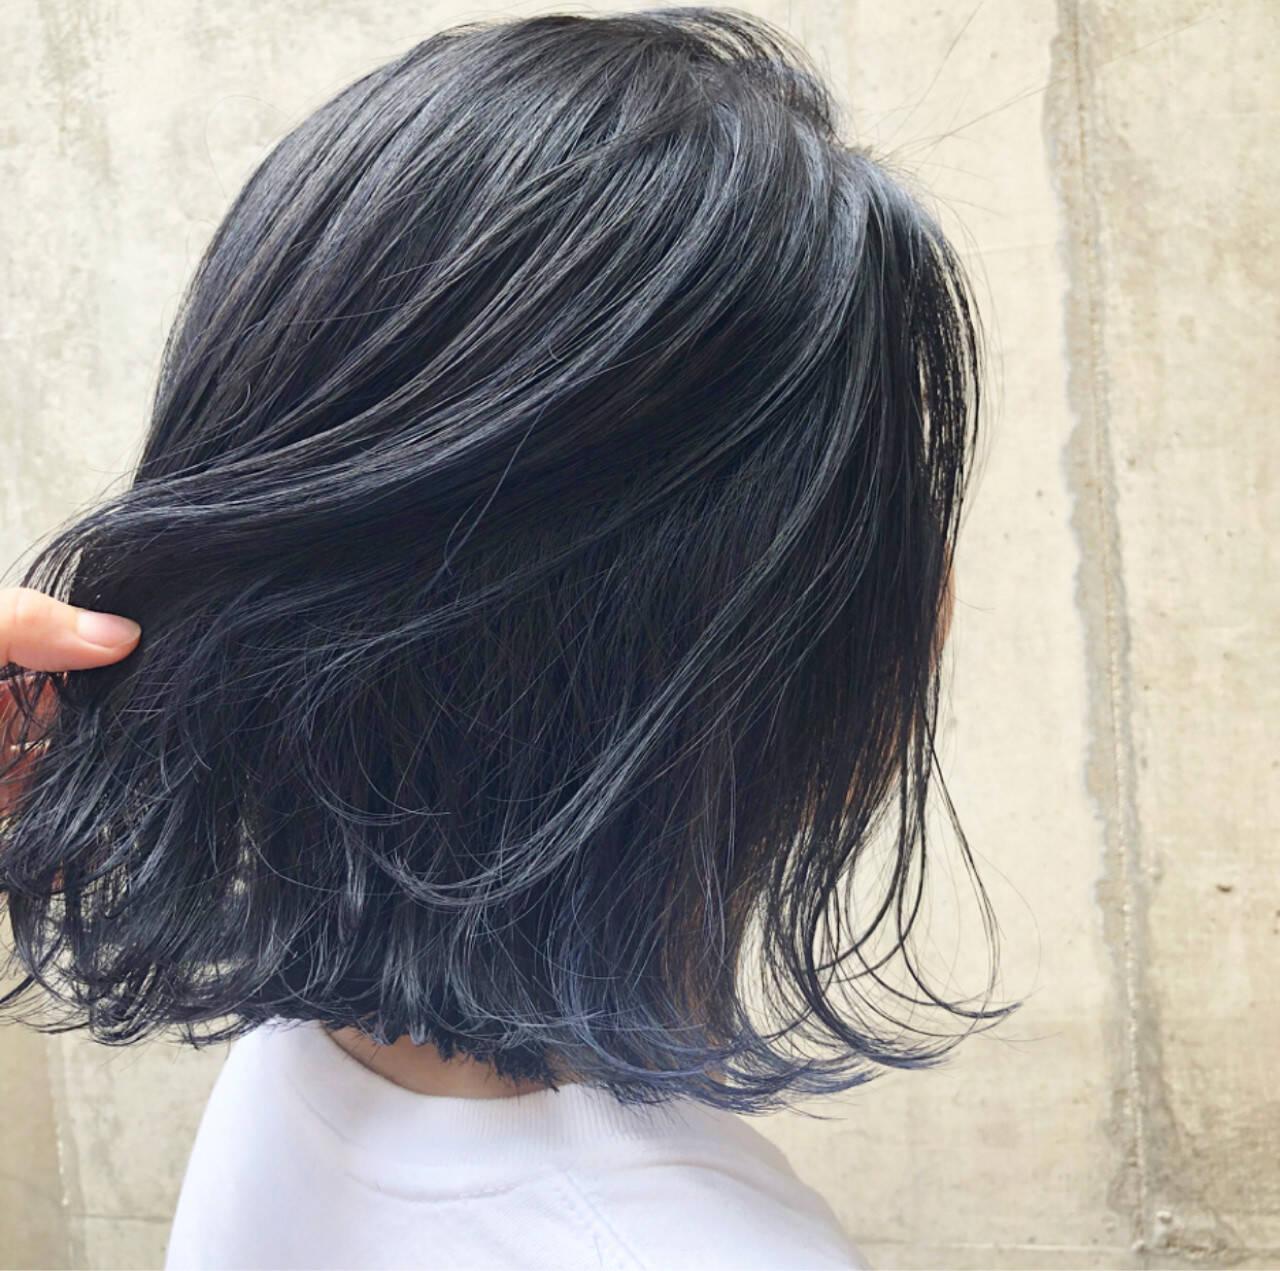 インナーカラー ネイビー 外国人風カラー ストリートヘアスタイルや髪型の写真・画像